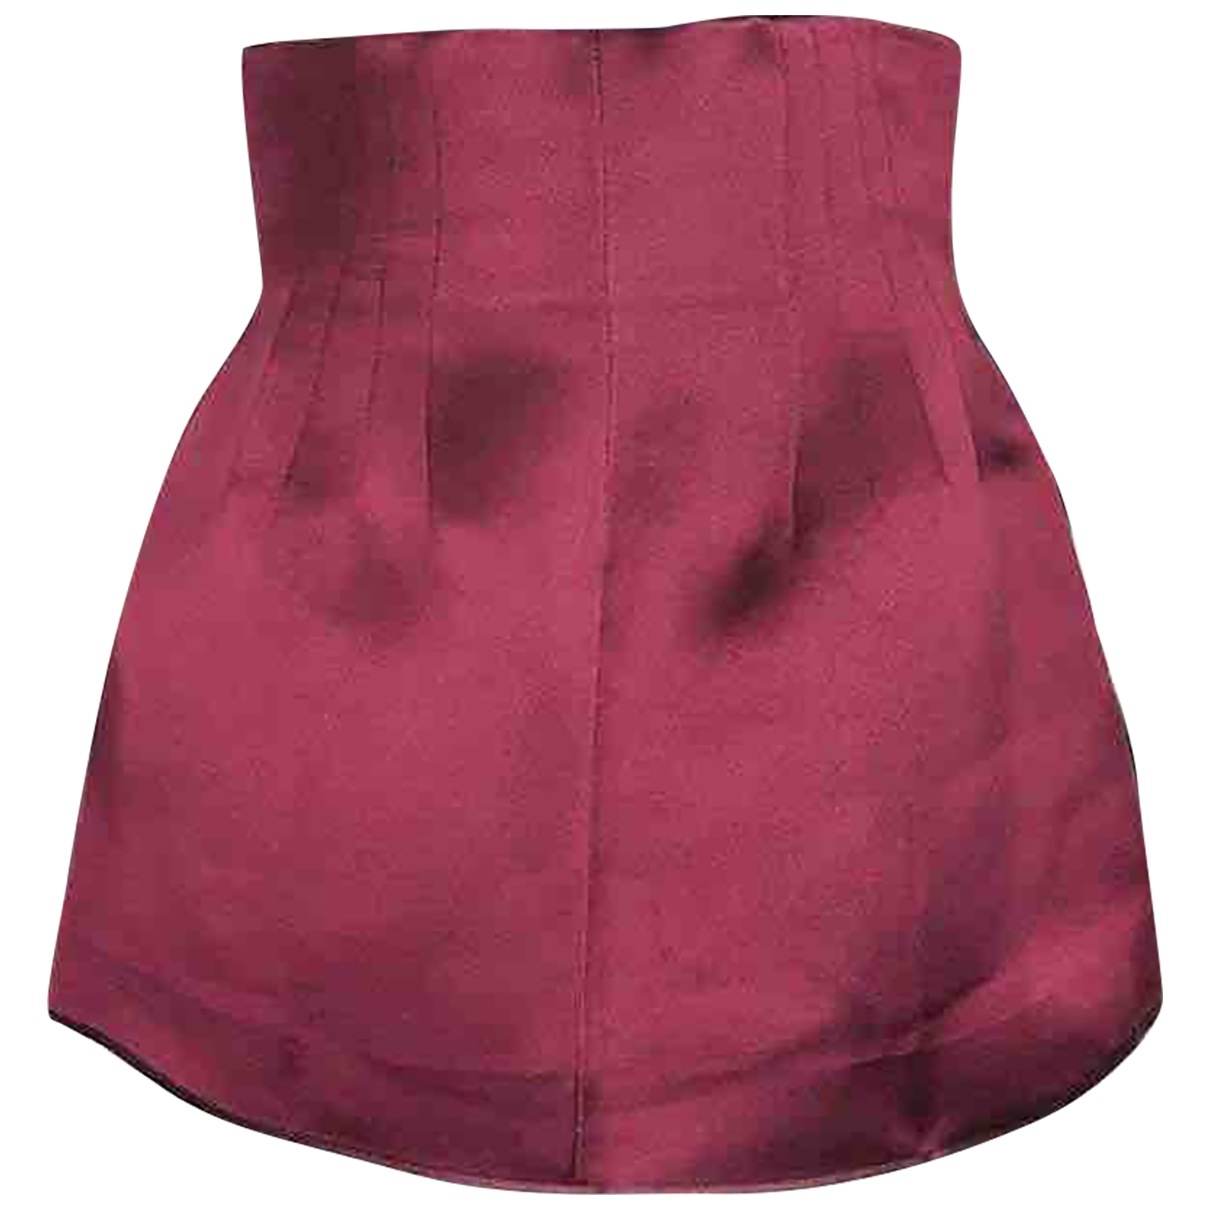 Prada - Jupe   pour femme en soie - bordeaux